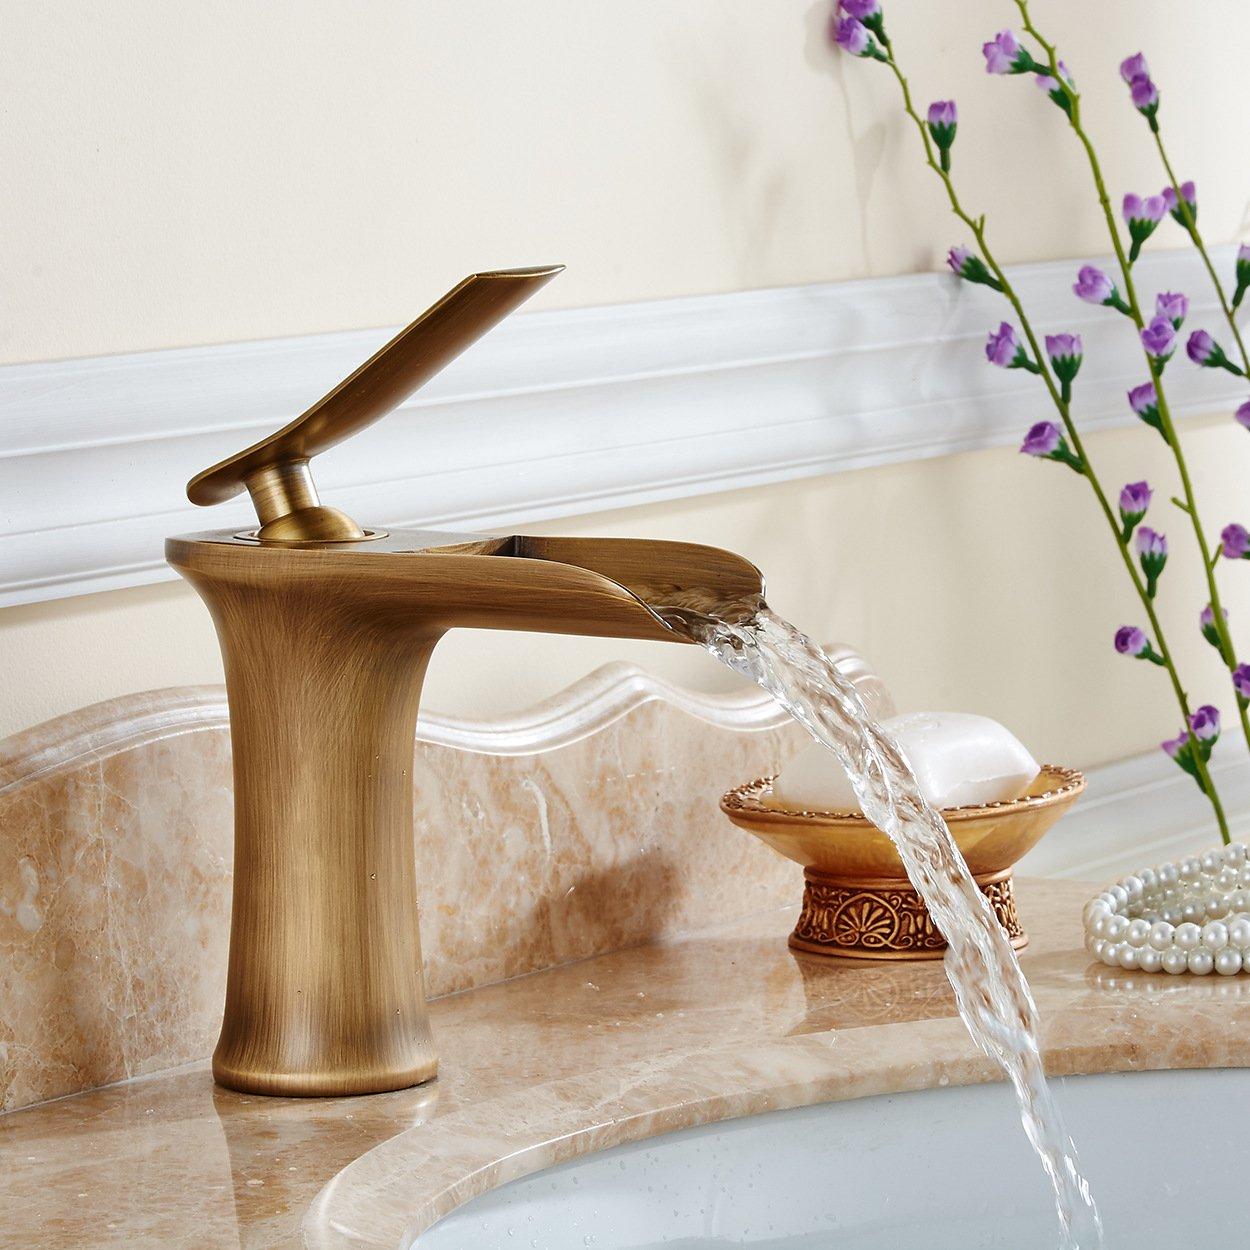 LINZAONG Über Zähler Becken gemischt Wasserhahn warmes und kaltes kaltes kaltes zeitgenössische Wasserhahn Kupfer Waschbecken Wasserhahn,D B071RSZN8H | Sale Outlet  34fdf0